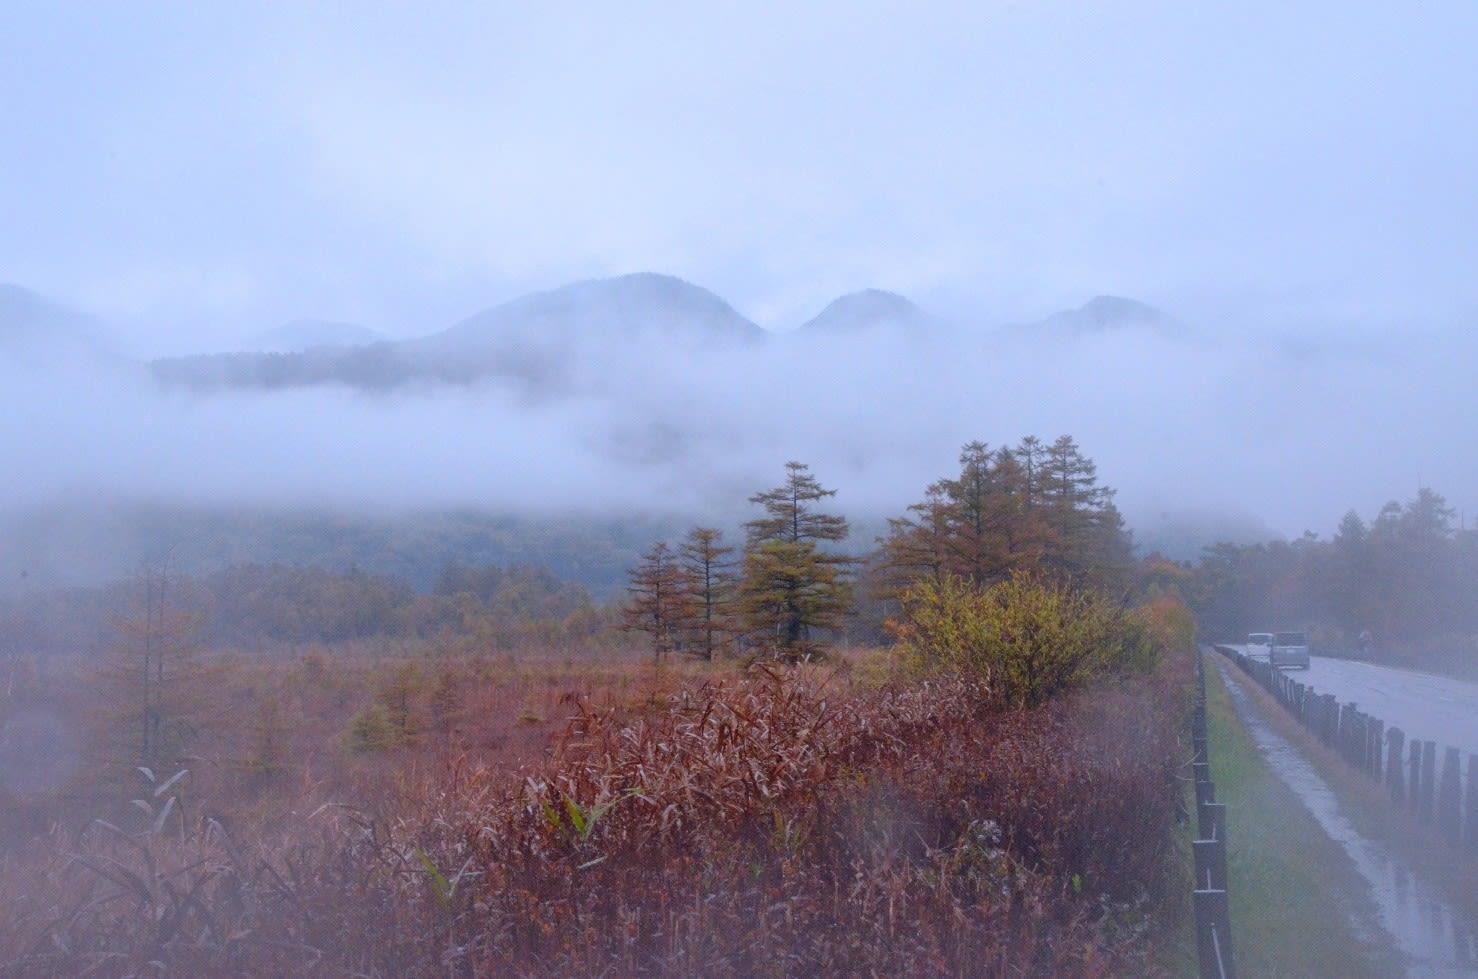 2020 10 17  戦場ヶ原より、 朝霧の三岳を撮す。